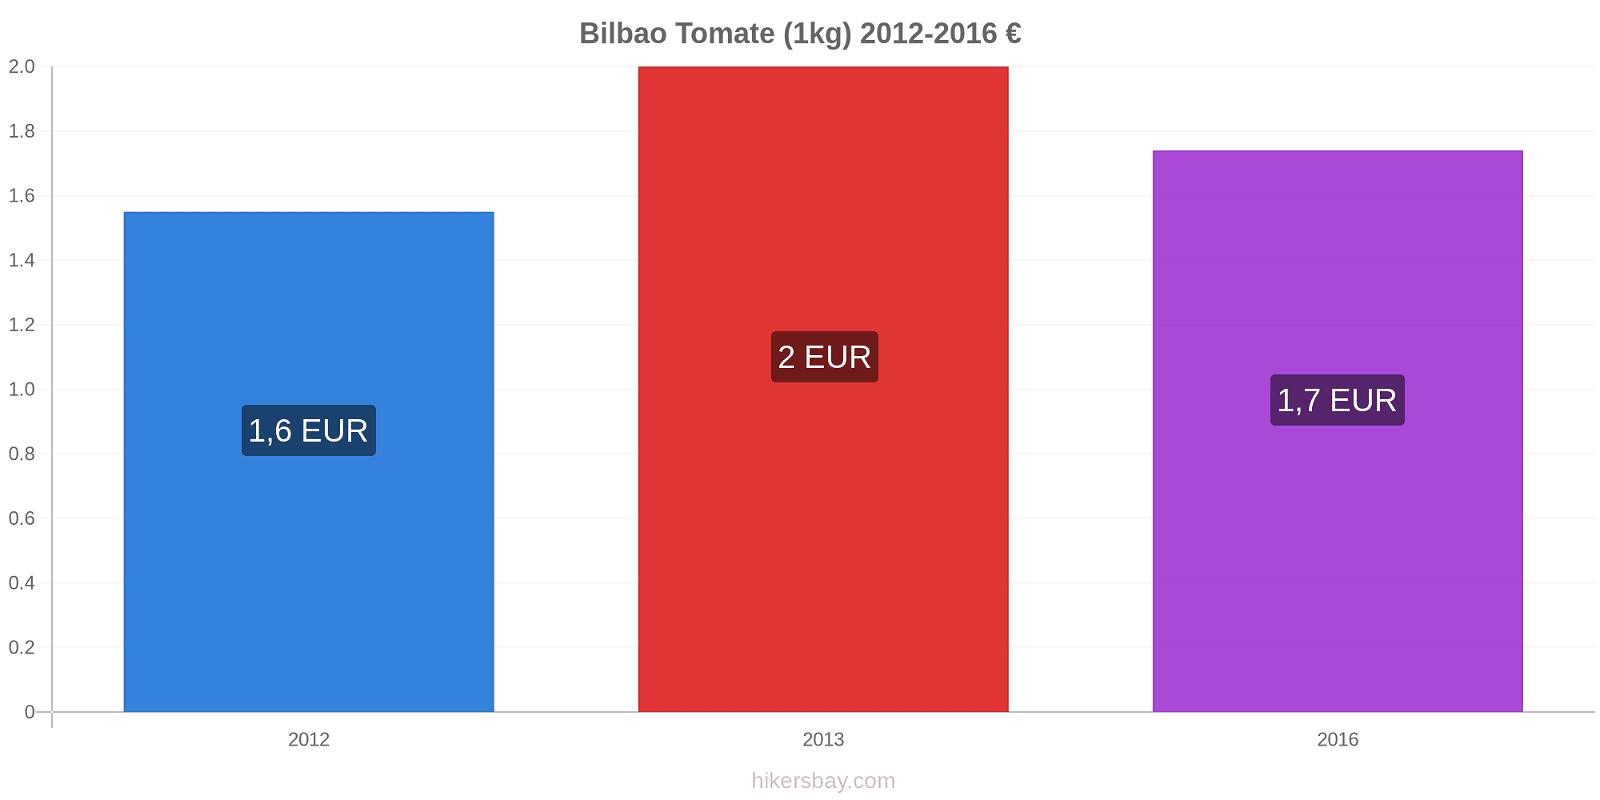 Bilbao modificări de preț Tomate (1kg) hikersbay.com